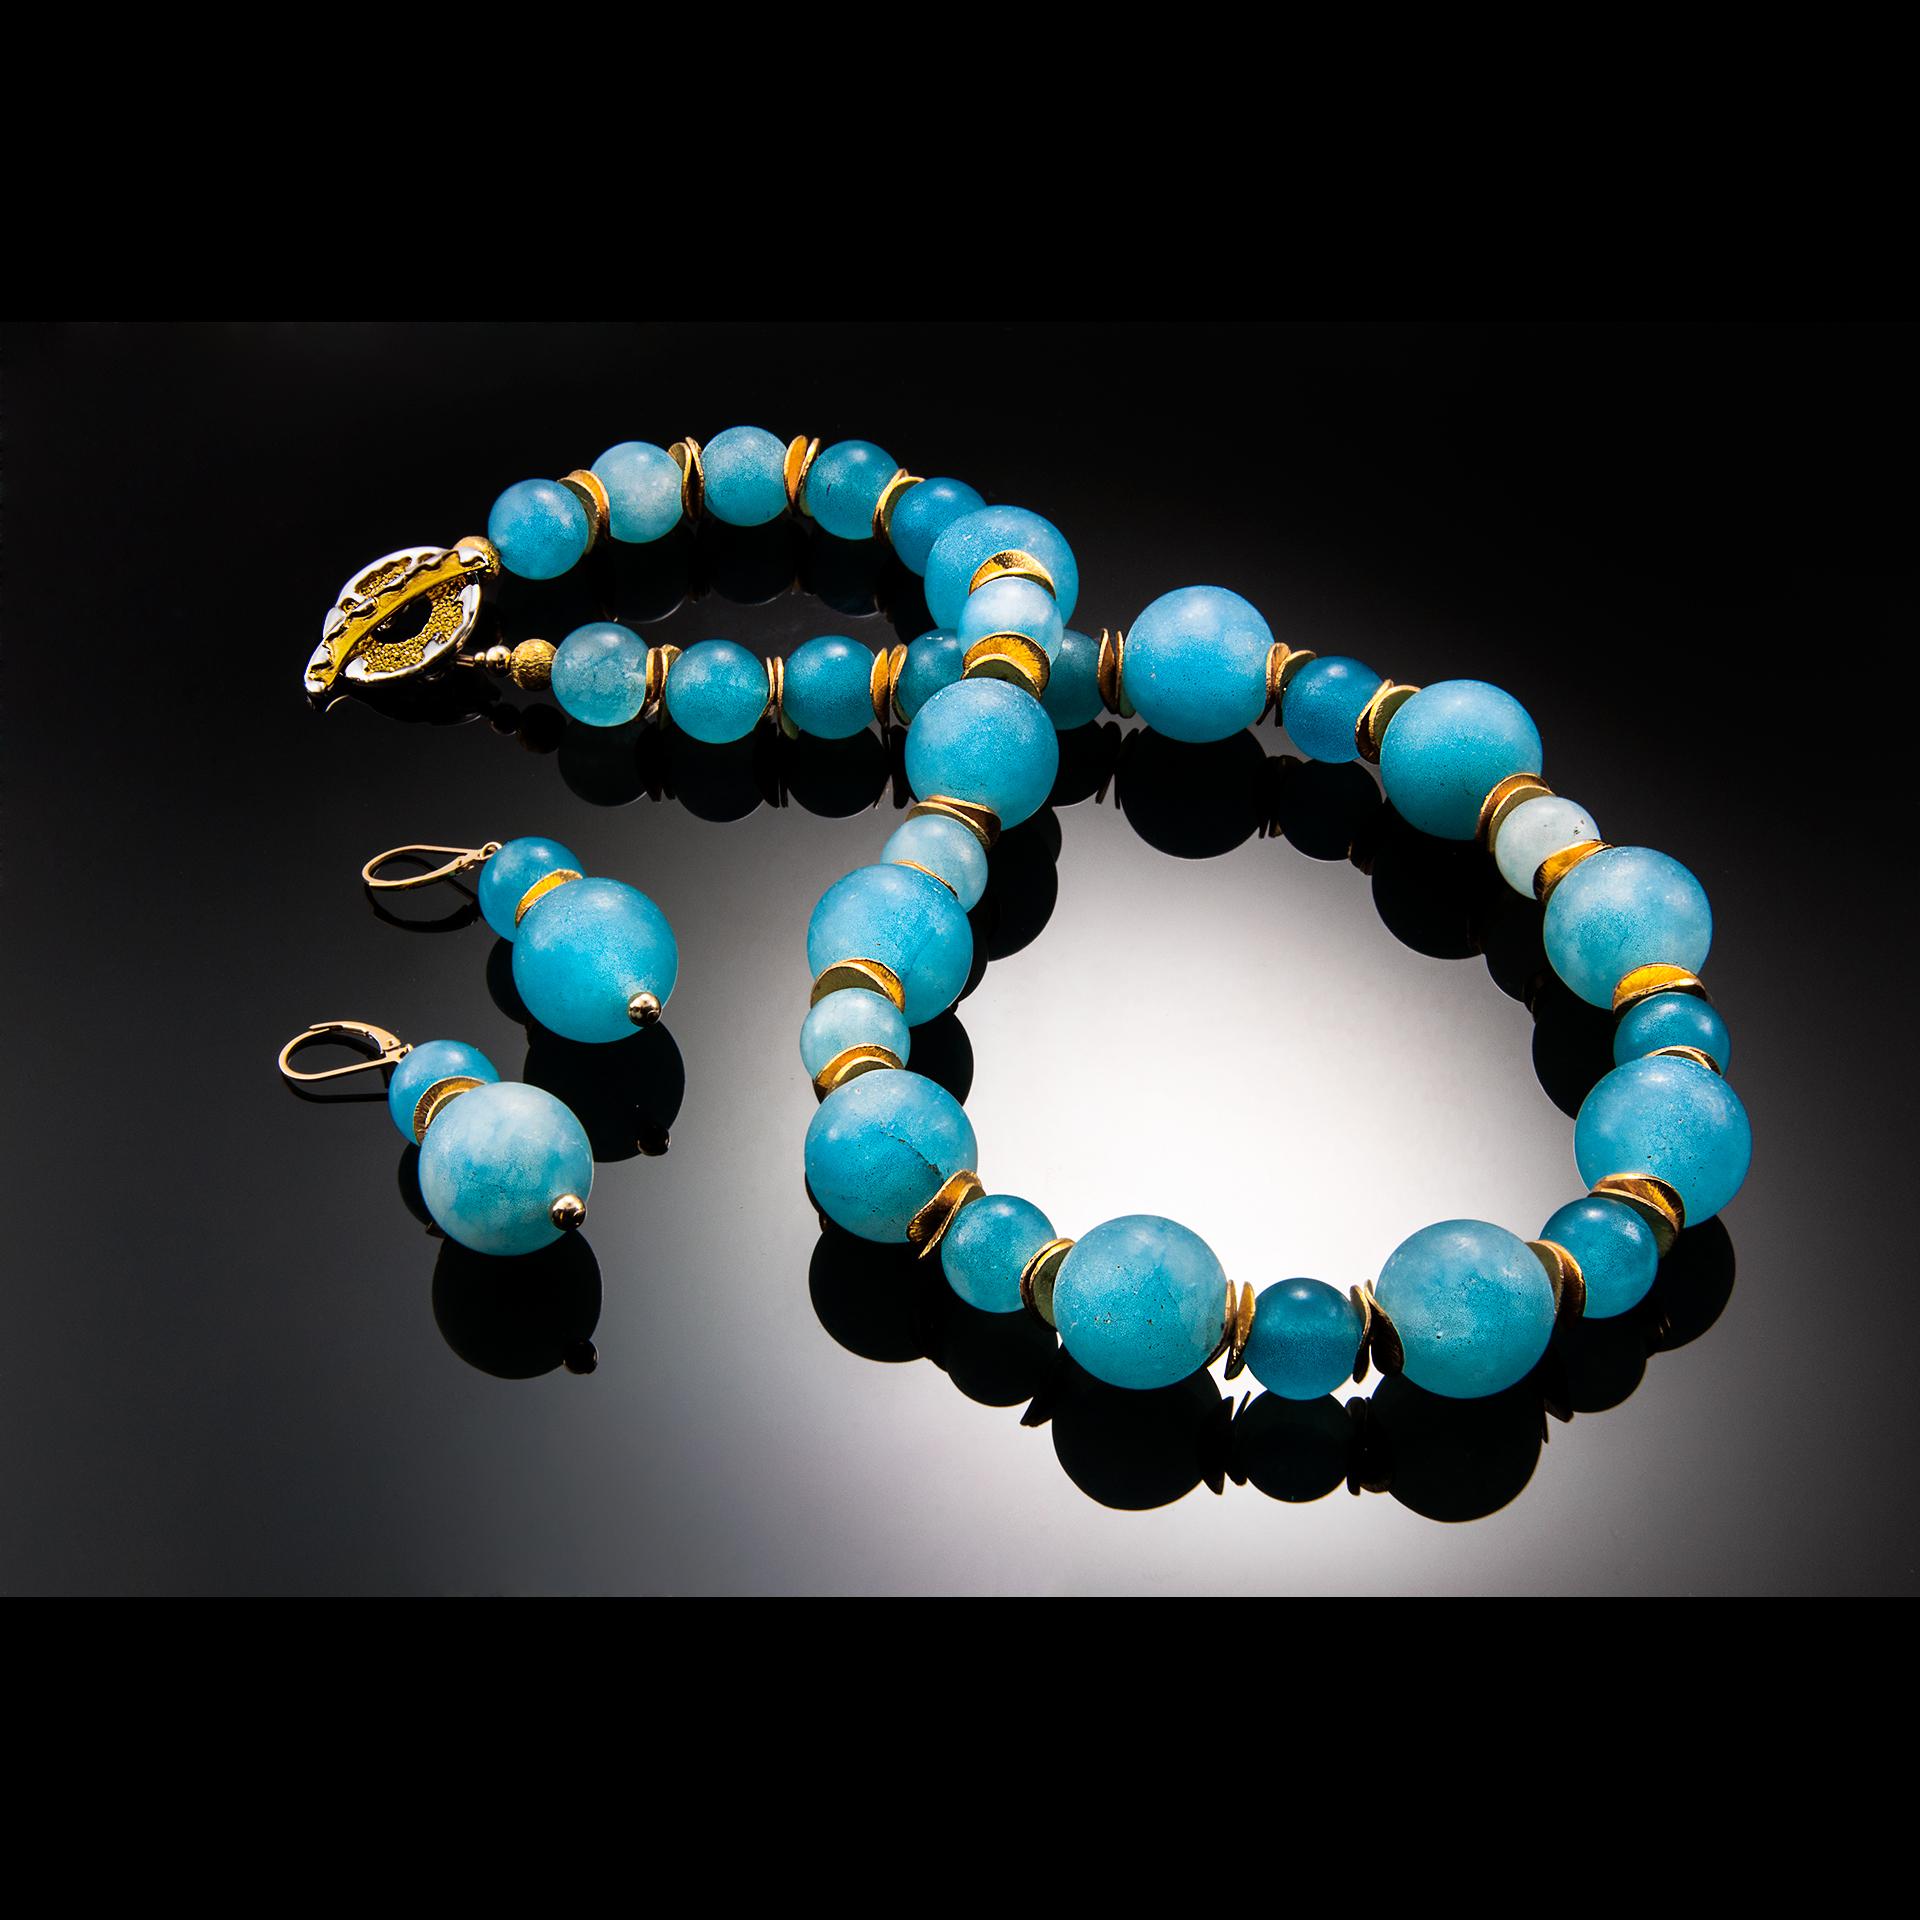 Henzel-necklace-and-earrings-ZAPP.jpg